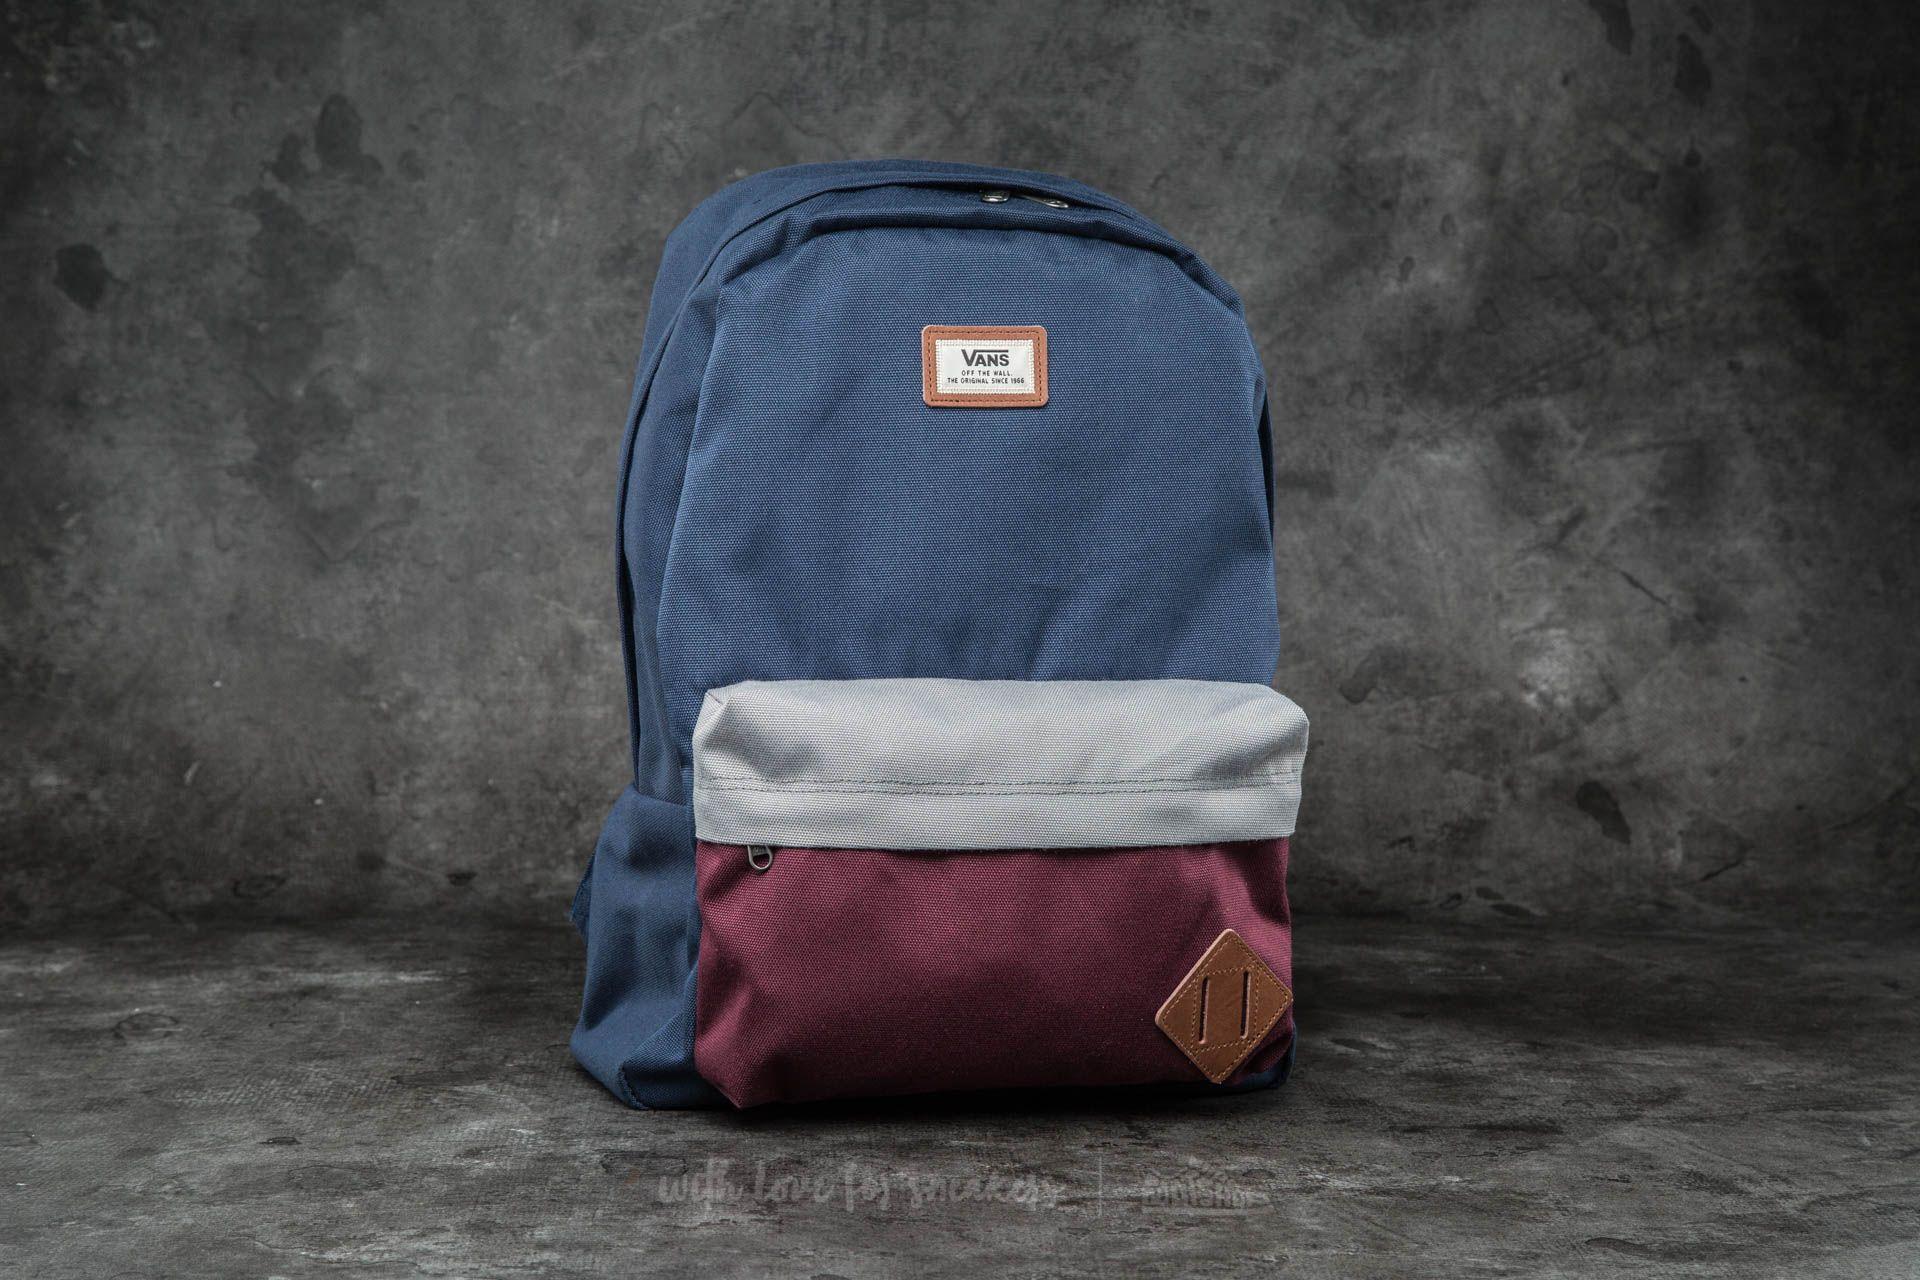 Vans Old Skool II Backpack Port Royale Colorblock  a7ea2da64